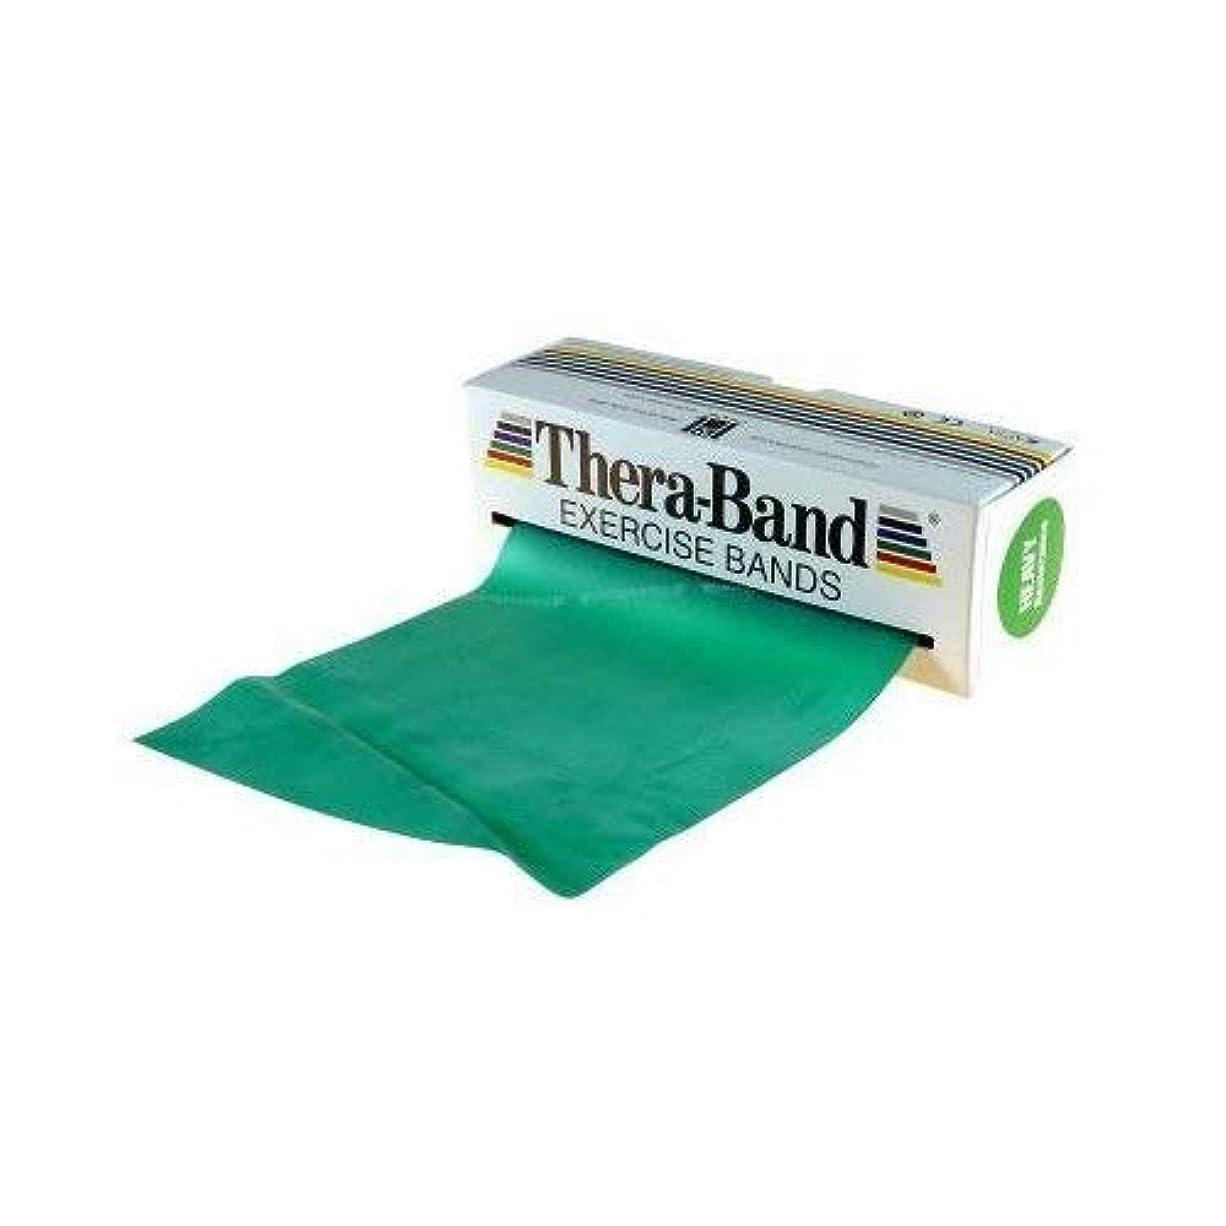 で細菌匿名thera-band in 45 M Rollsブルー, Extra Strong